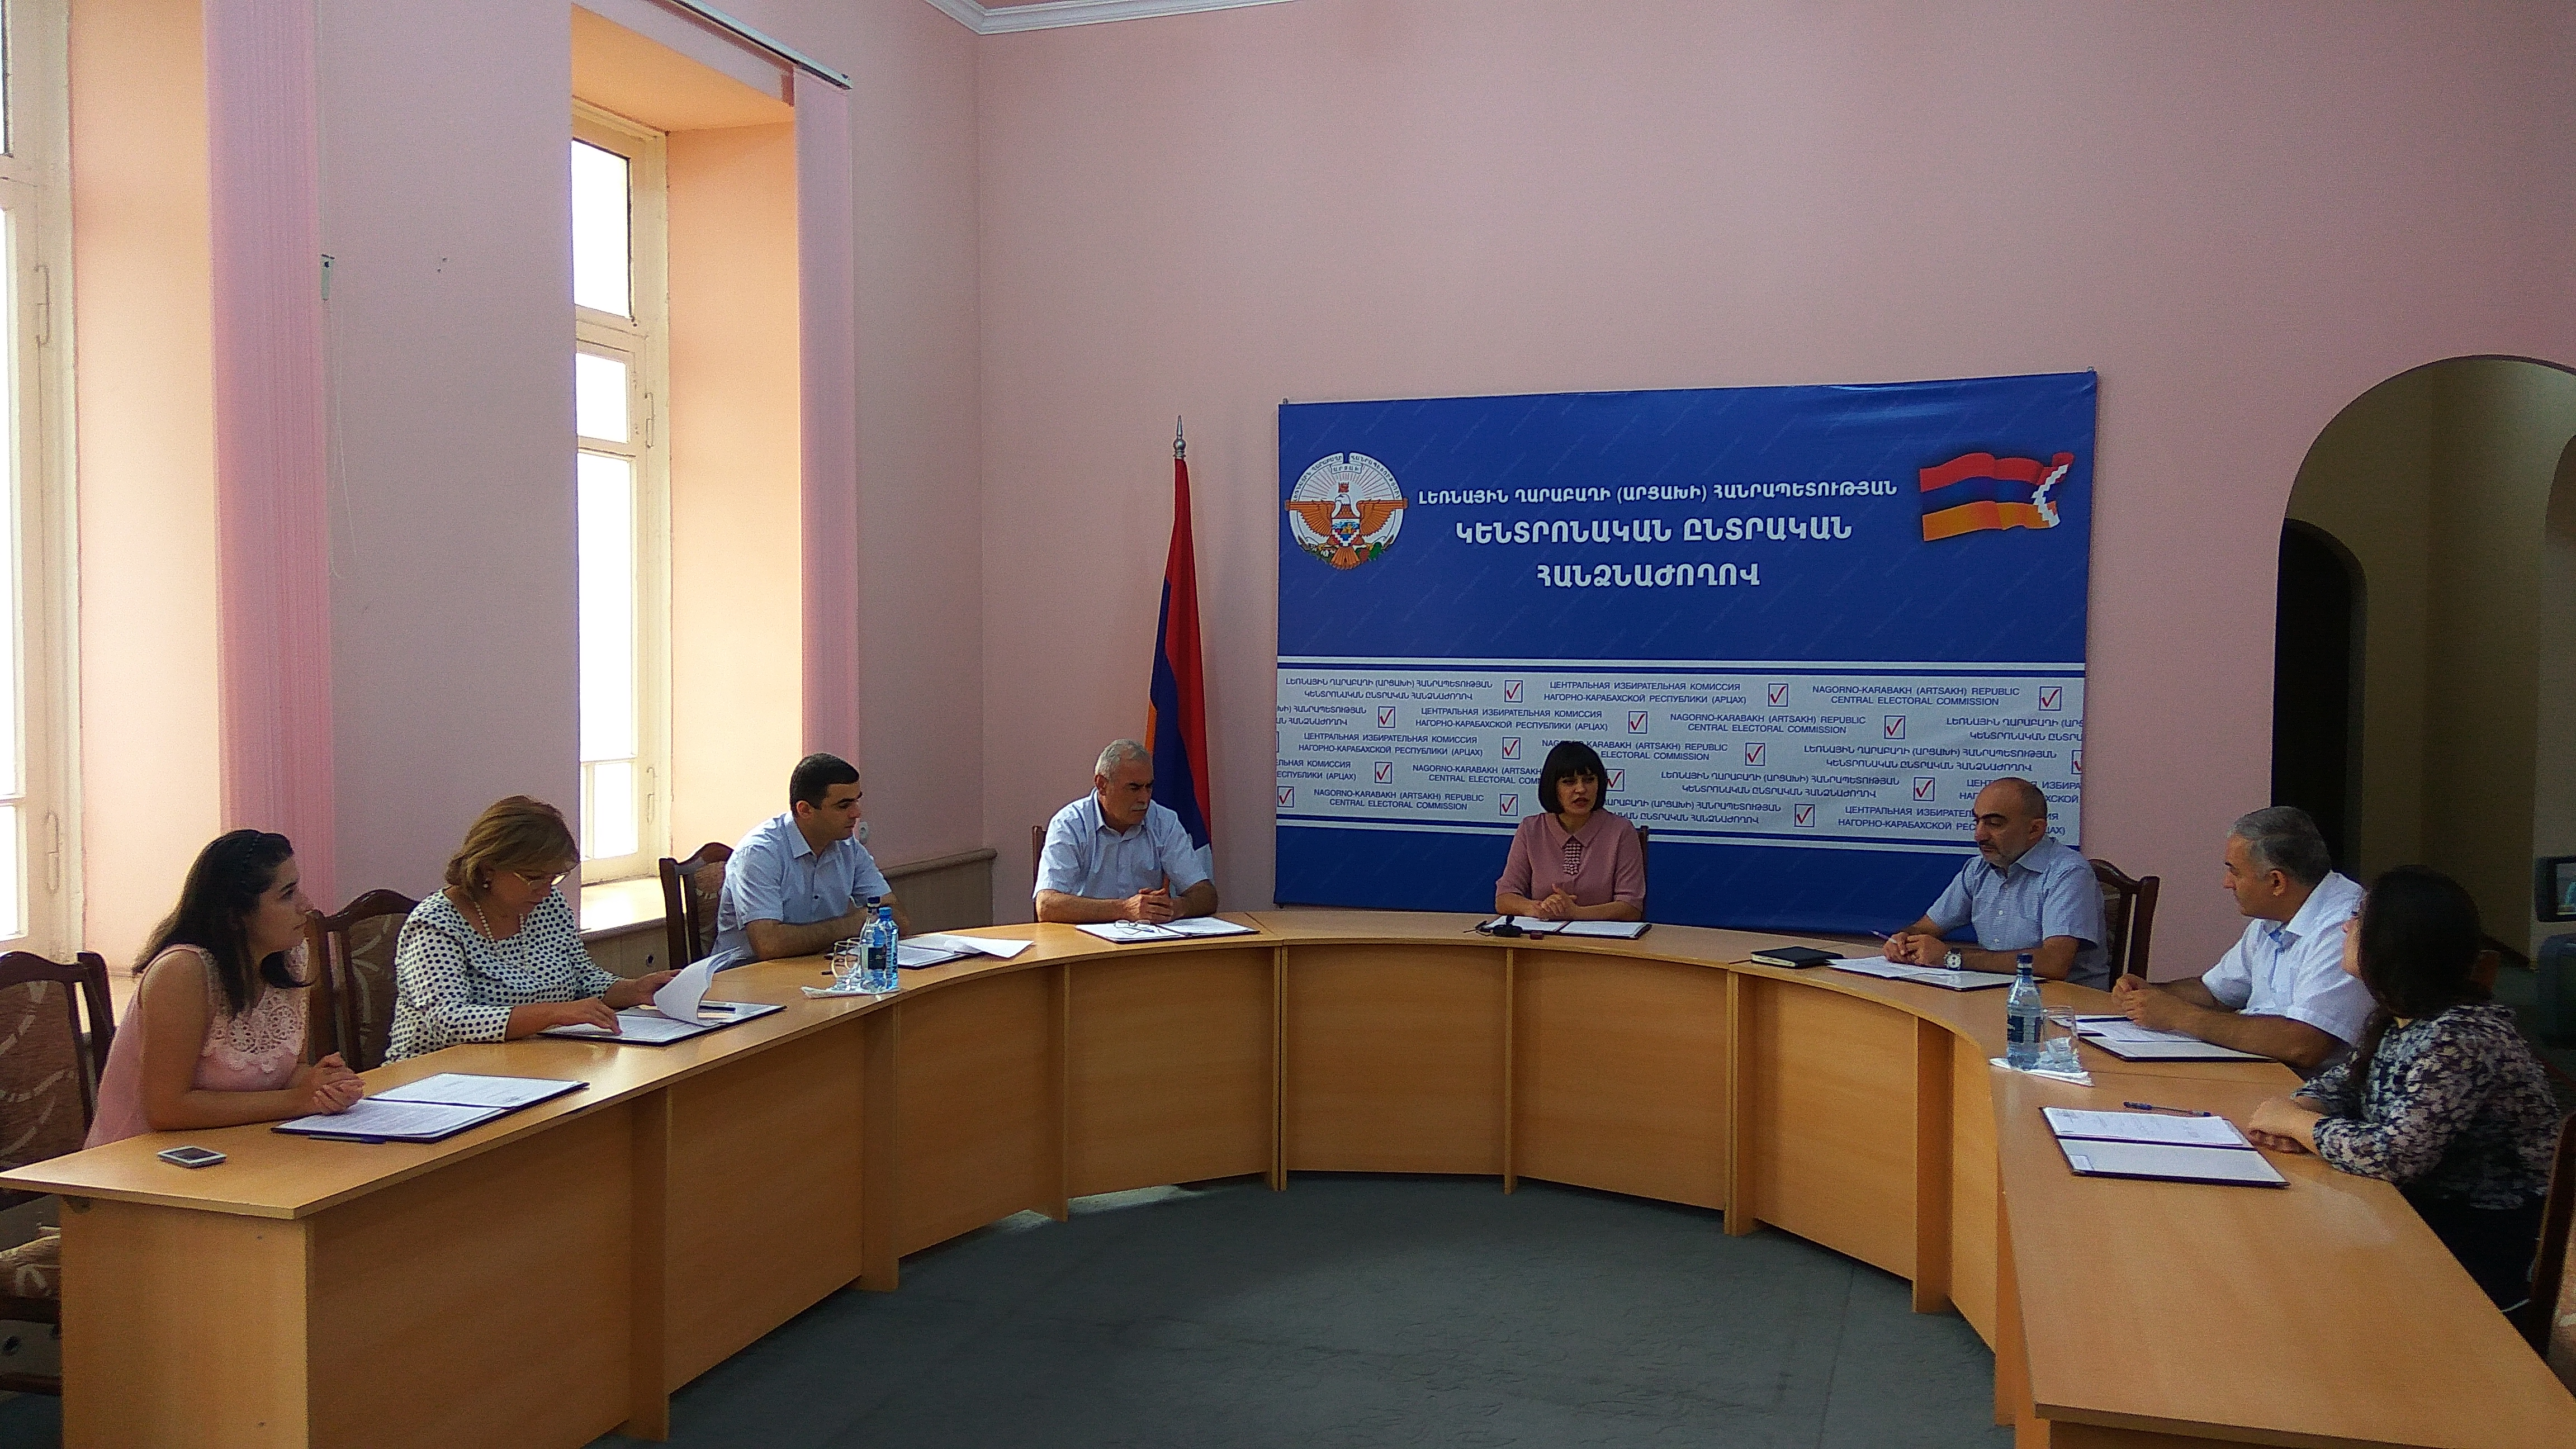 Կենտրոնական ընտրական հանձնաժողովի արտահերթ նիստ